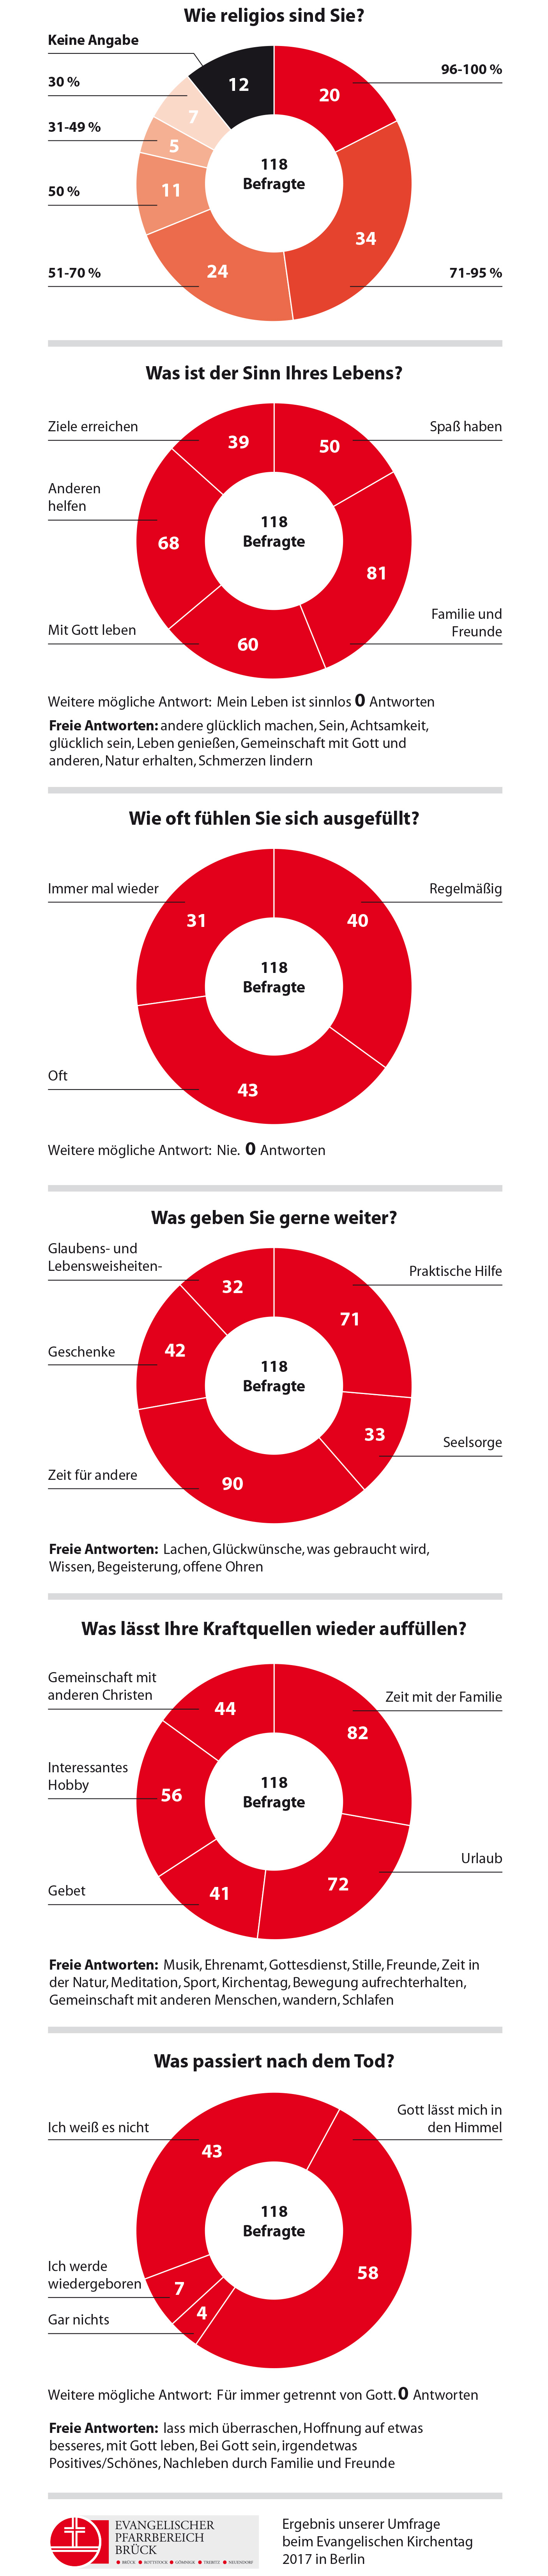 Ergebnis unserer Umfrage beim Evangelischen Kirchentag